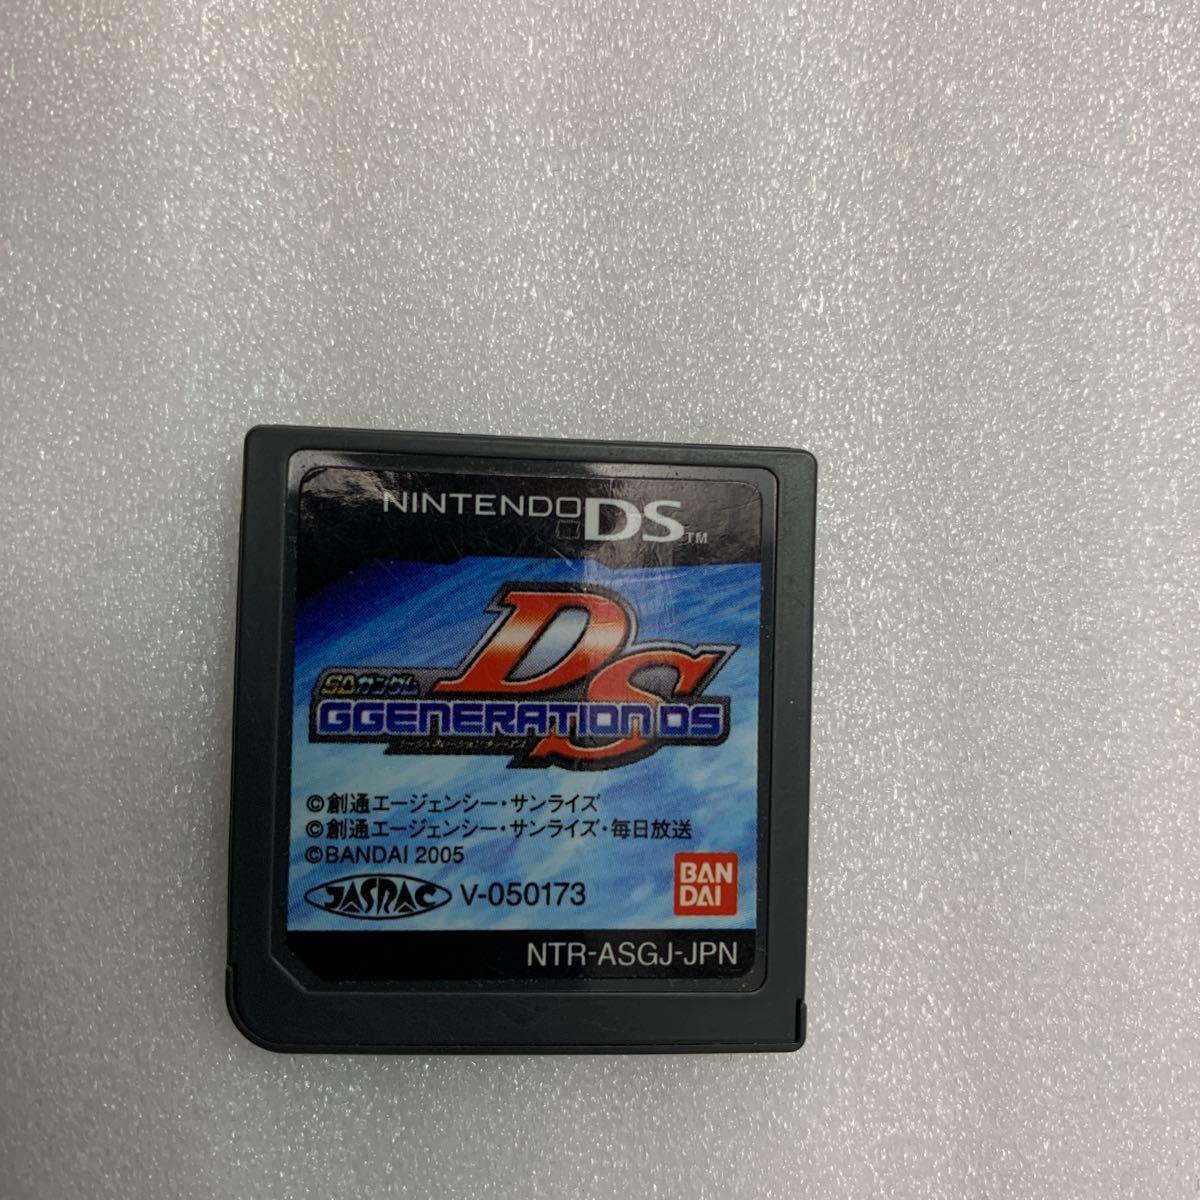 ニンテンドー DSソフト SDガンダム Gジェネレーション DS ソフトのみ